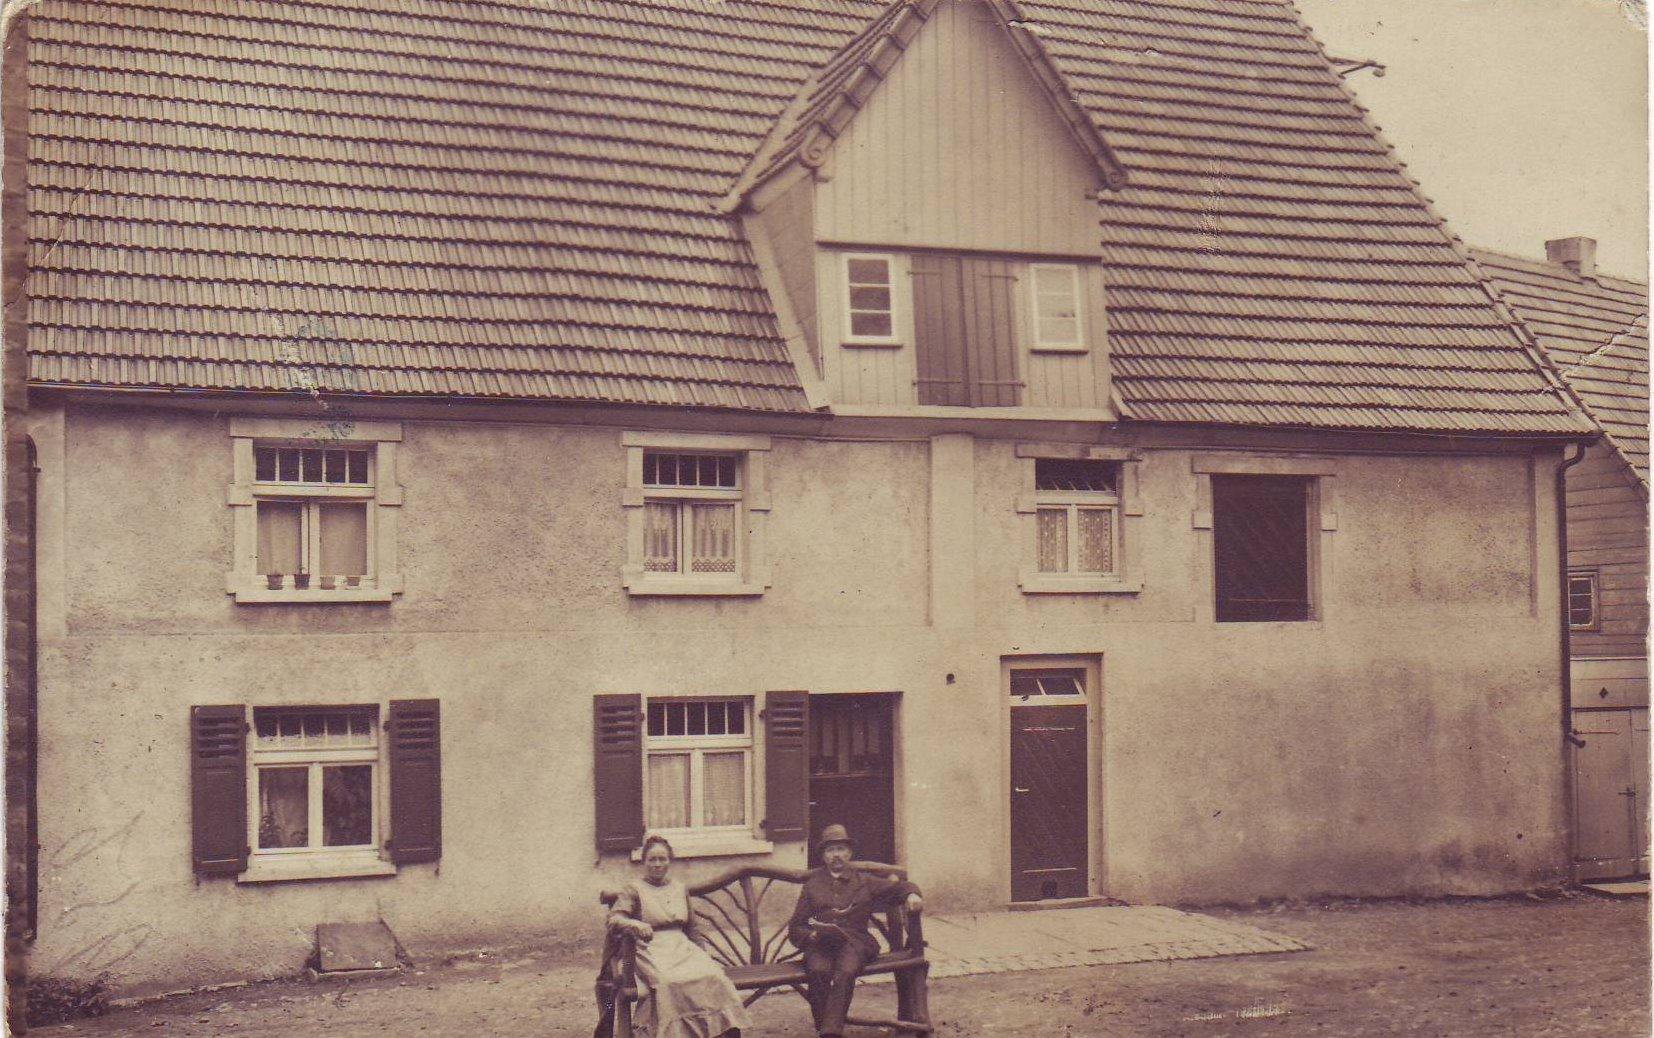 Haus Dörnen Brenscheid mit Oma und Opa